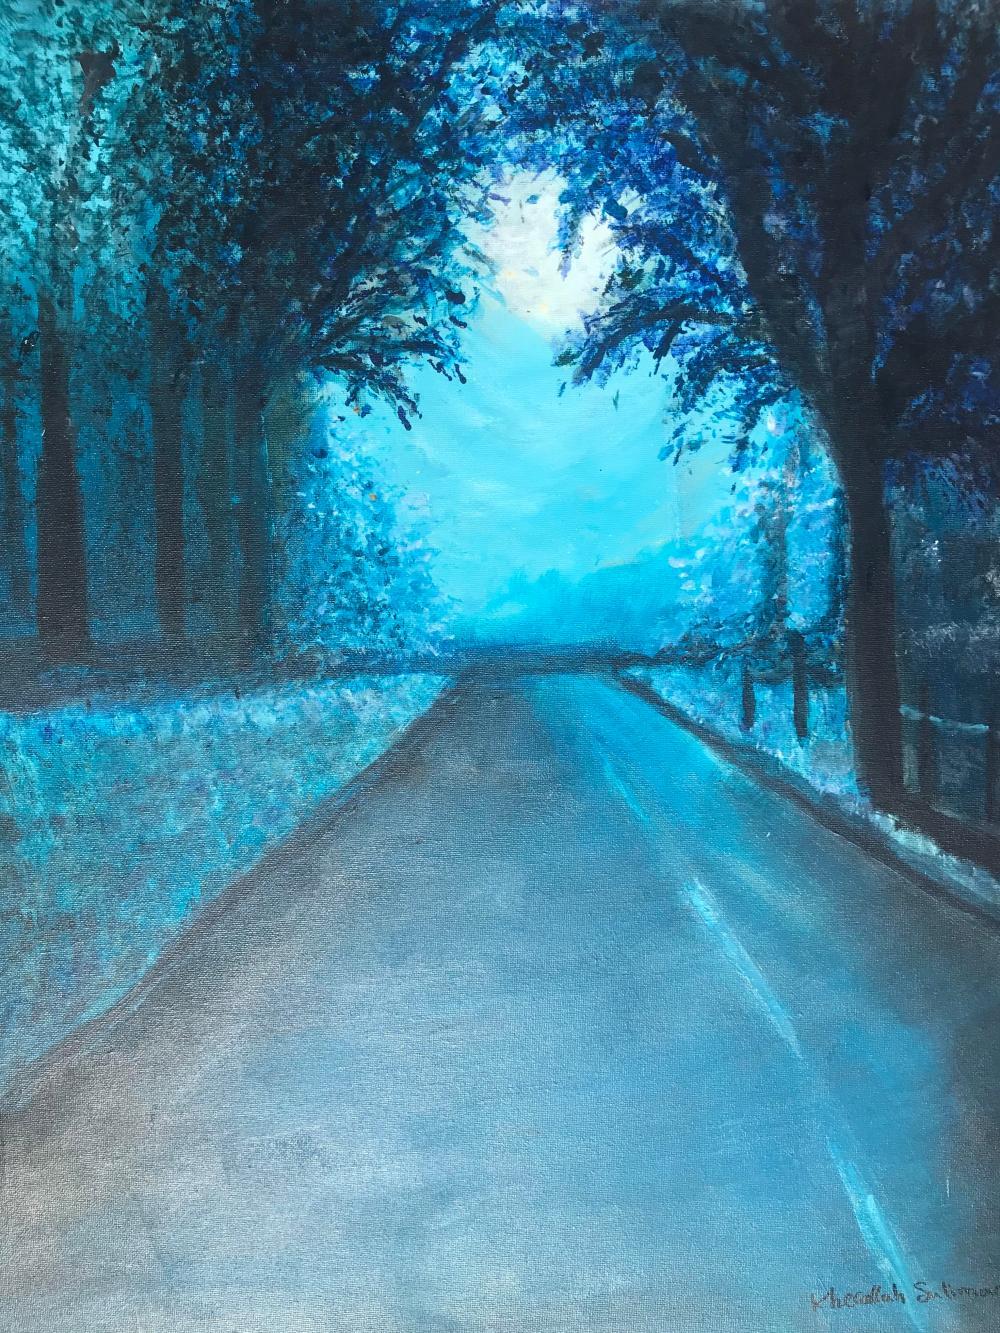 Kherallah Suliman - The Long Dark Road